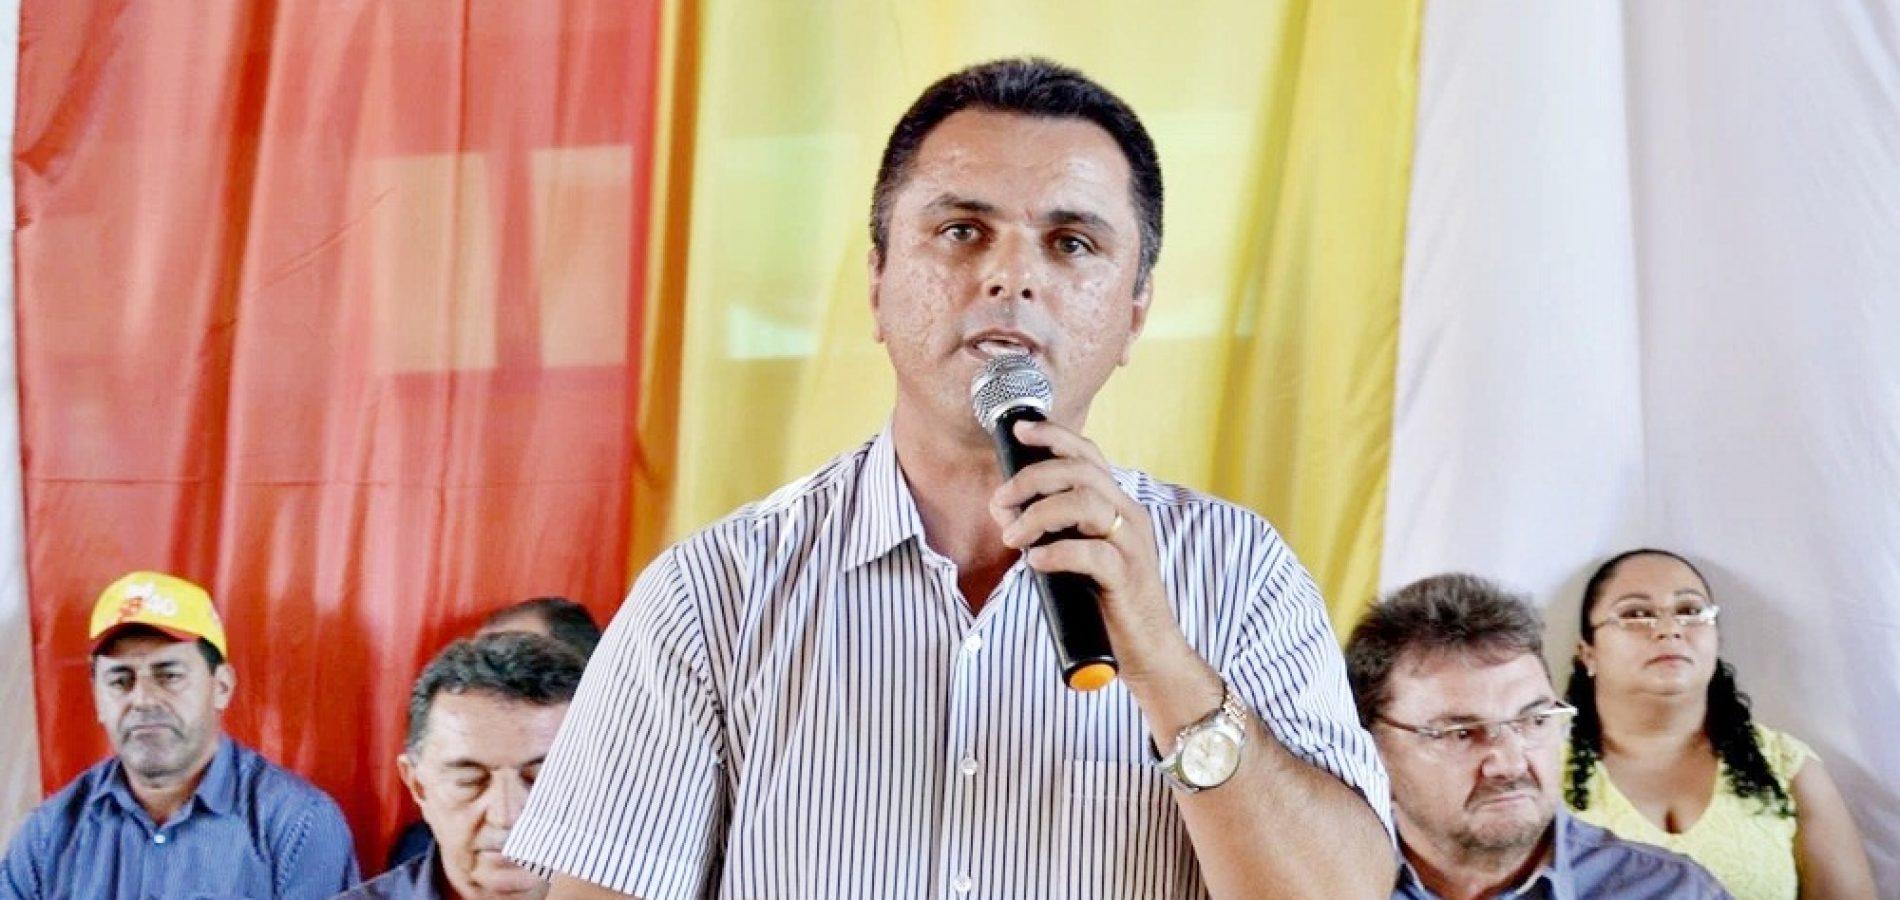 Vereador de Caldeirão Grande é o mais bem votado no Piauí, aponta TSE